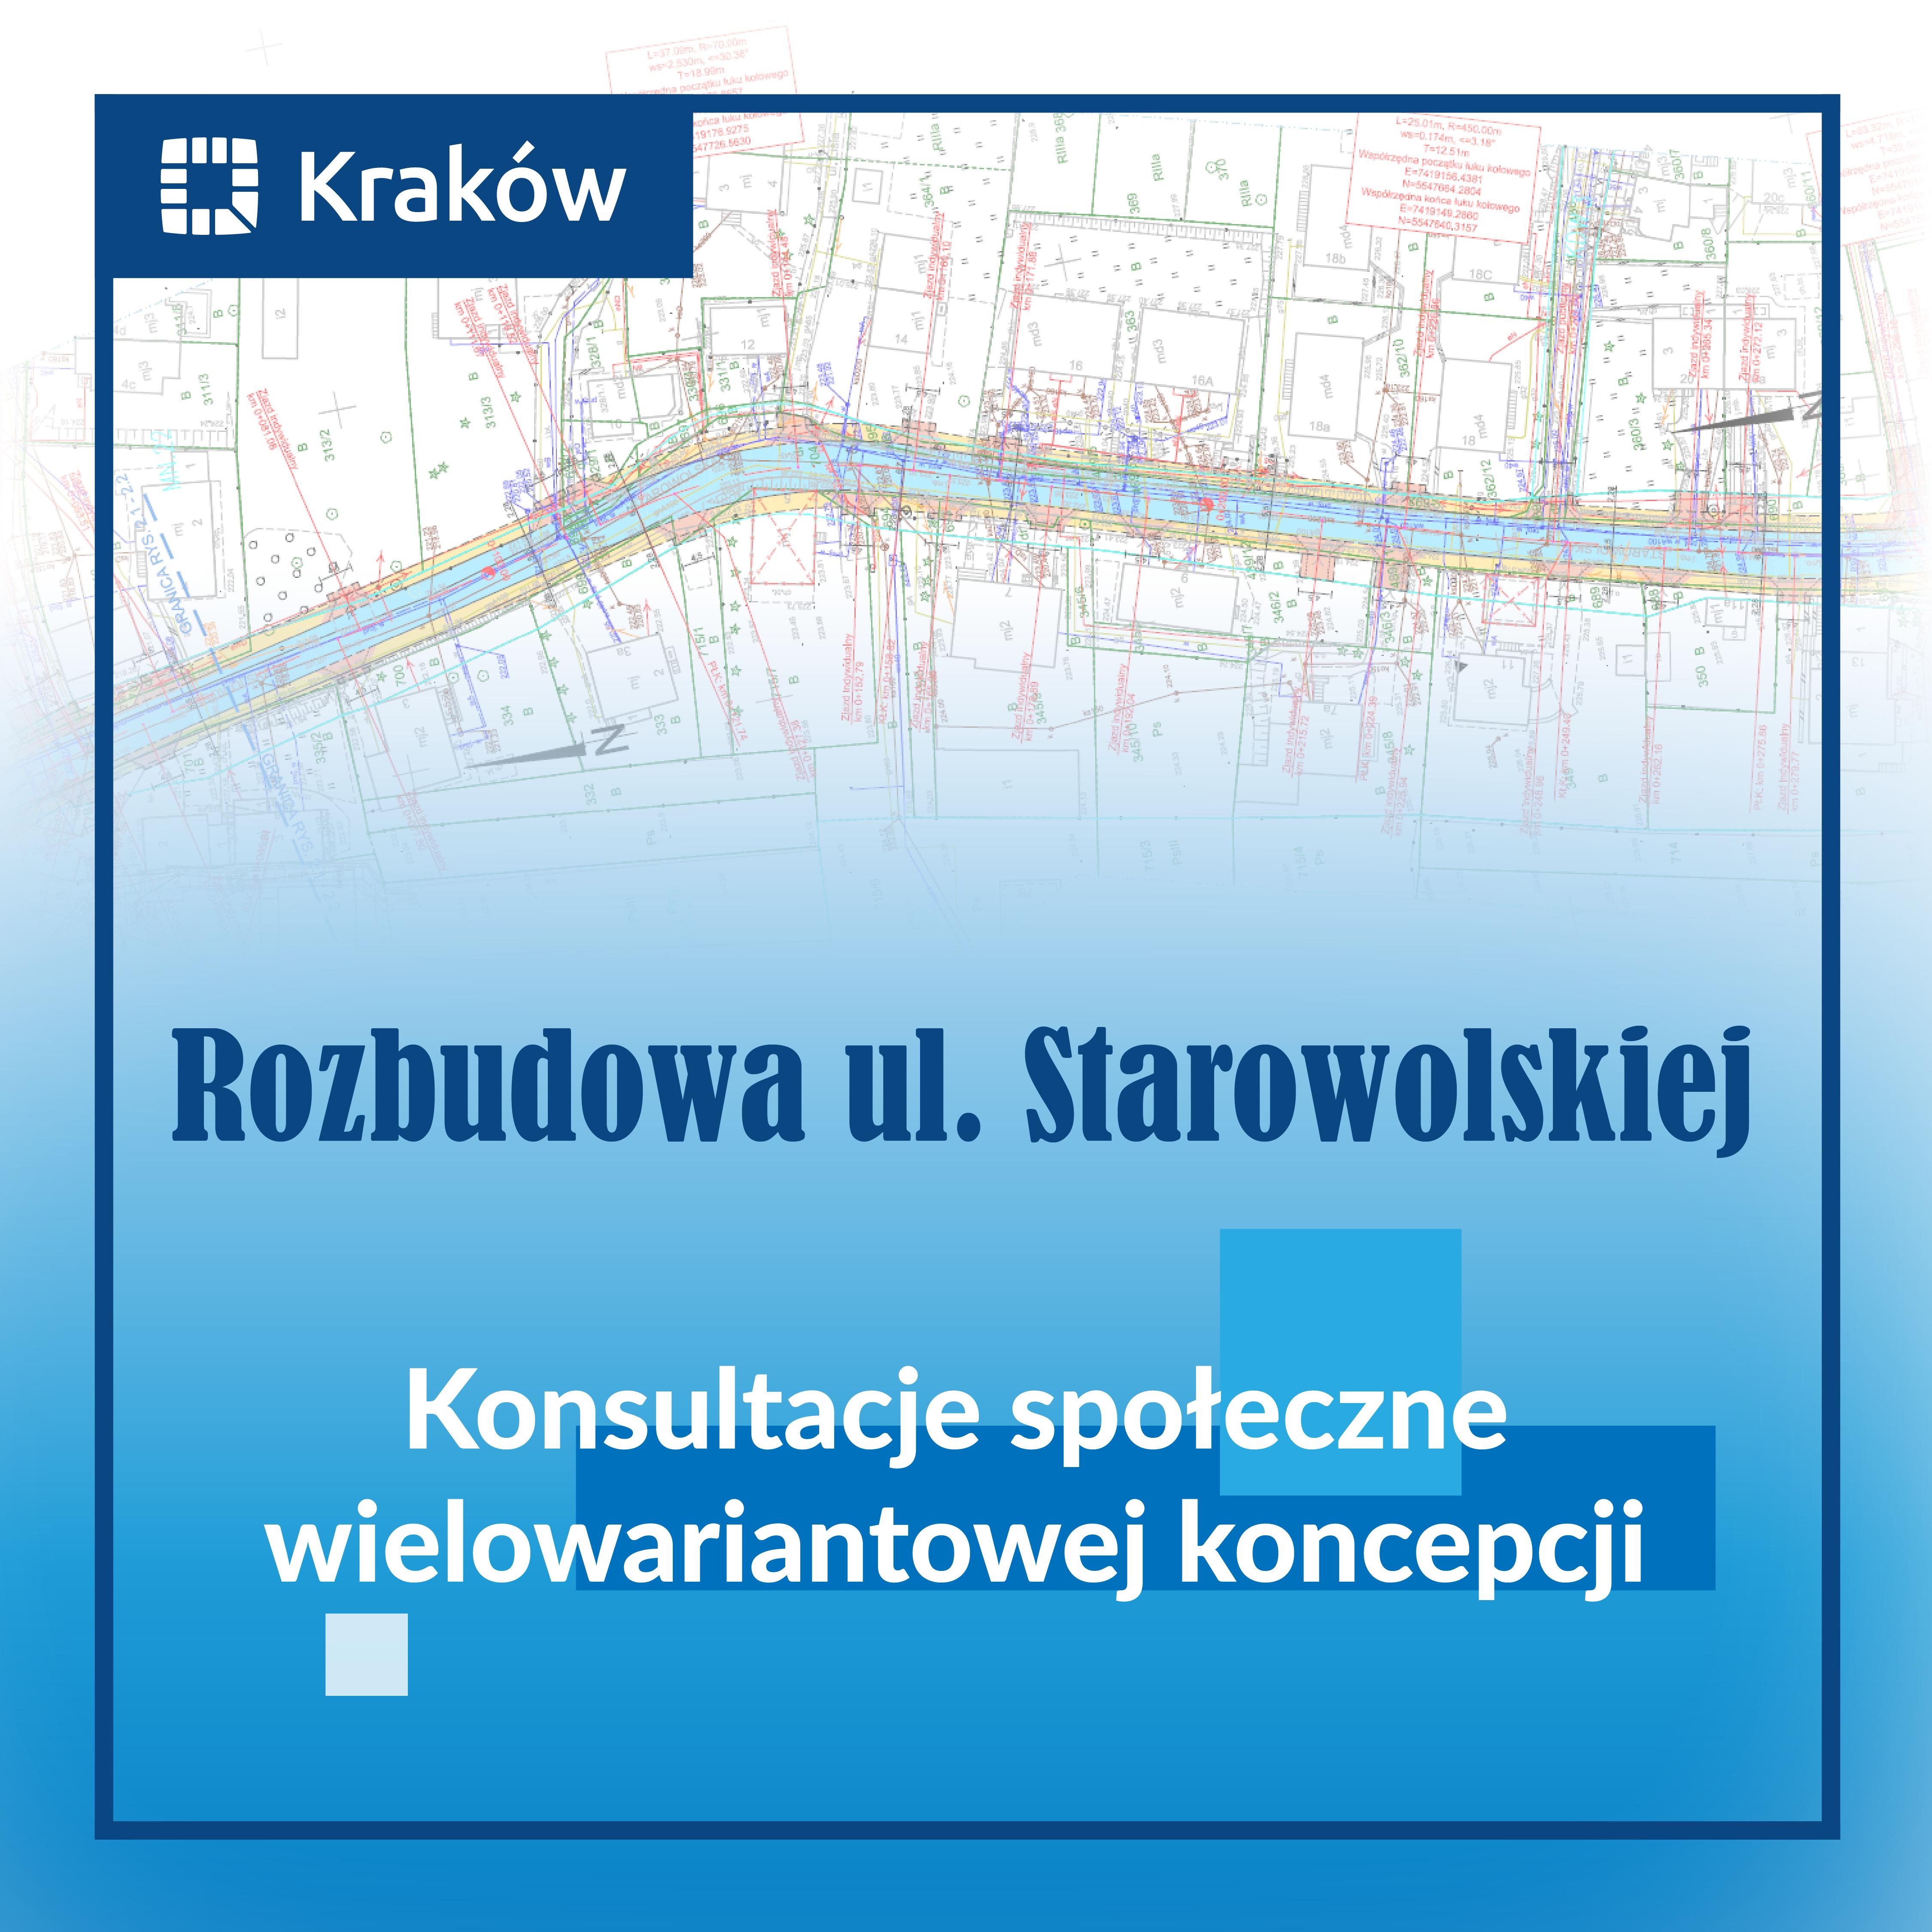 """Rozpoczynamy konsultacje """"Rozbudowy ul. Starowolskiej"""" w Krakowie"""